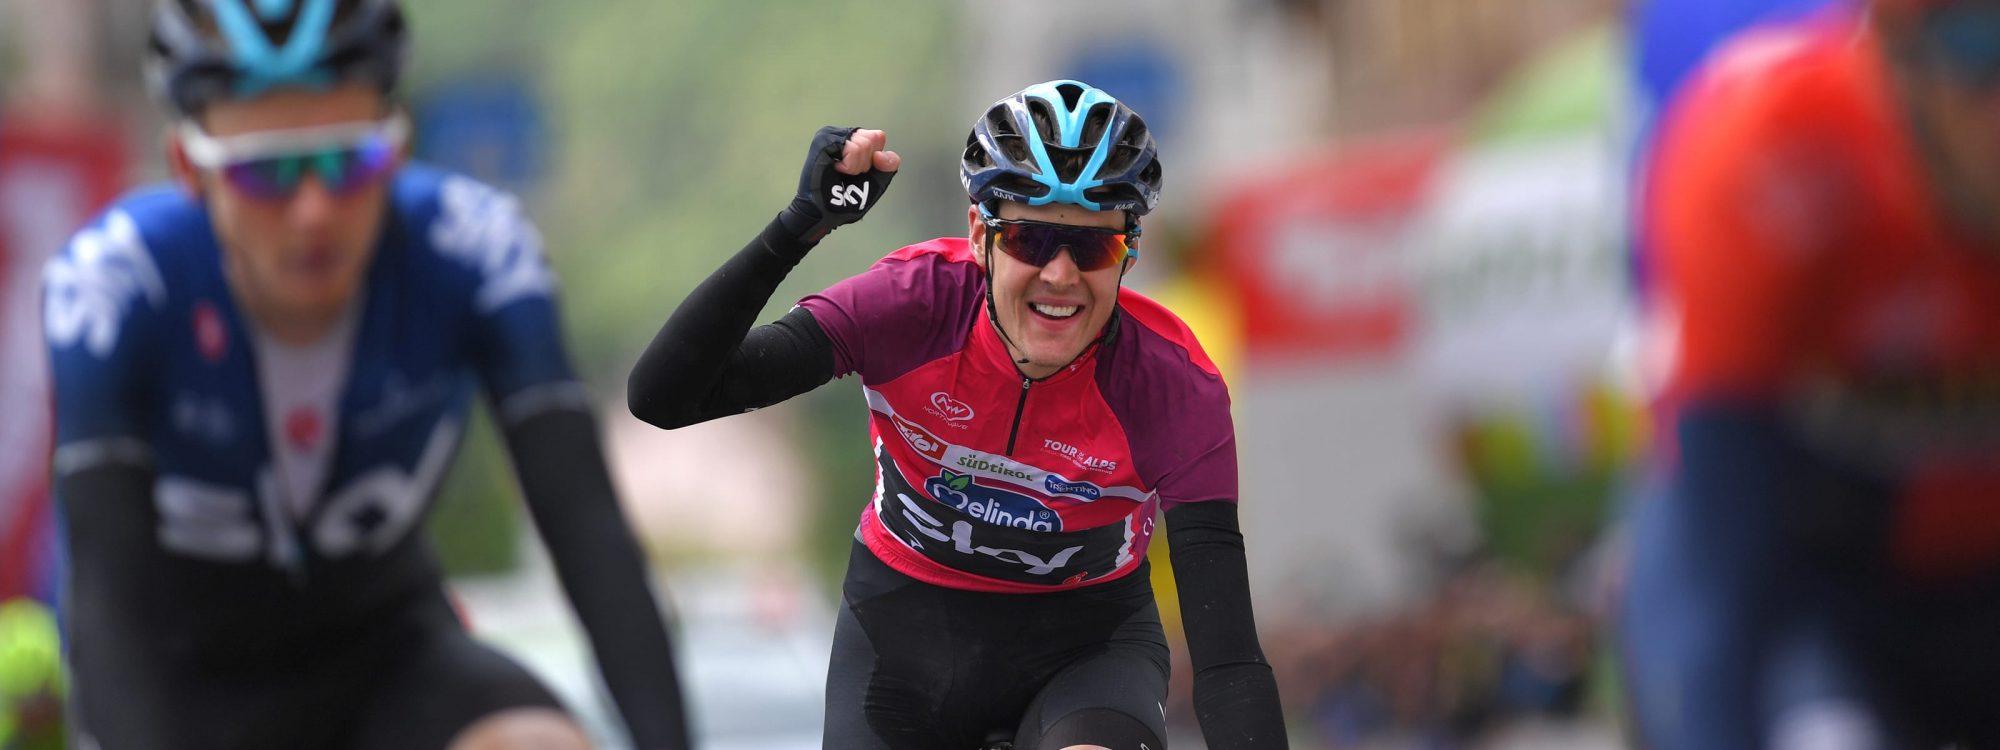 Vittoria di Sivakov al Tour of the Alps